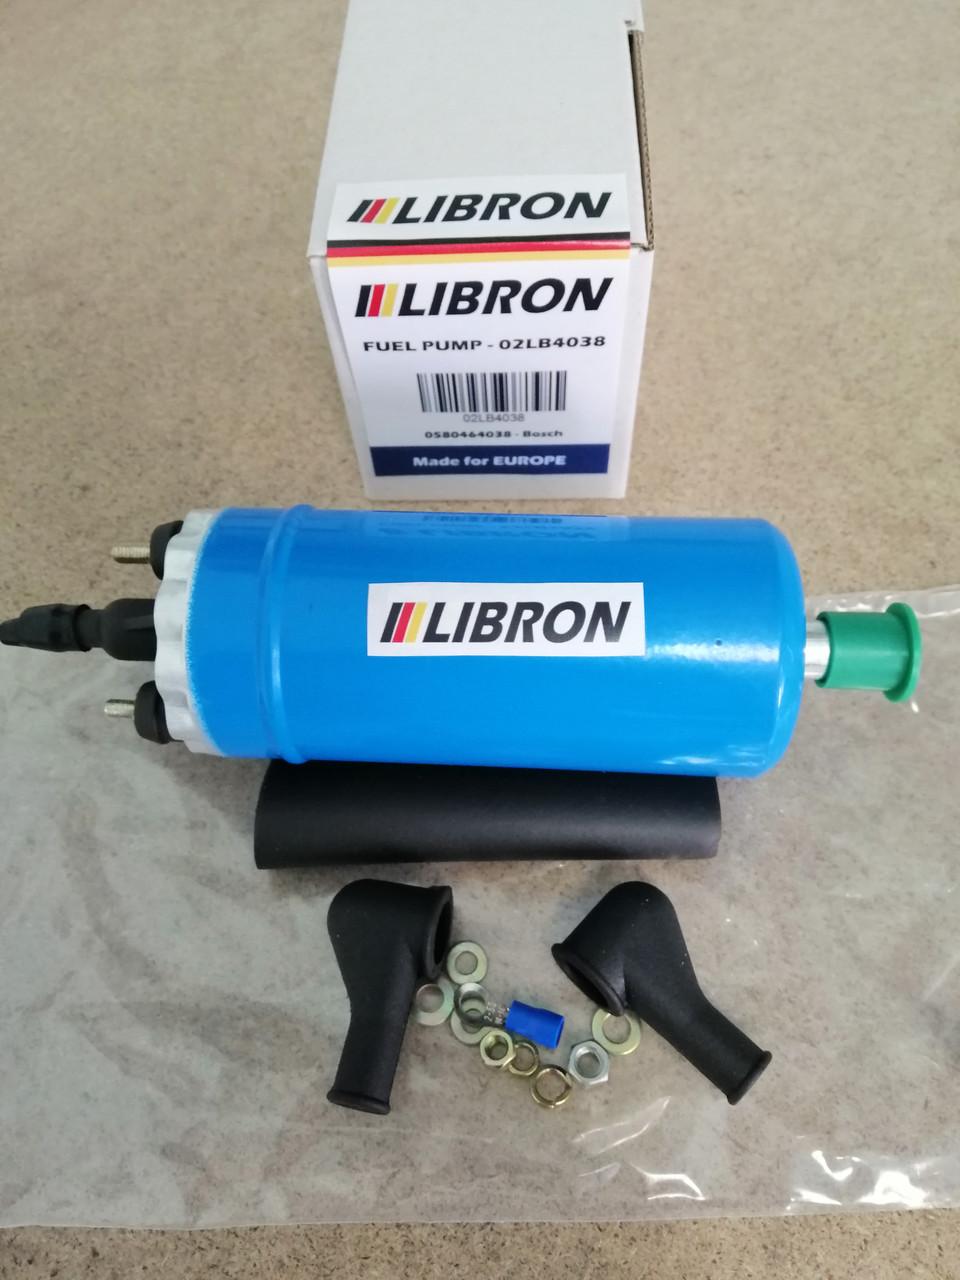 Топливный насос LIBRON 02LB4038 - OPEL CALIBRA A (85_) 2.0 i Turbo 4x4 (1992-1997)